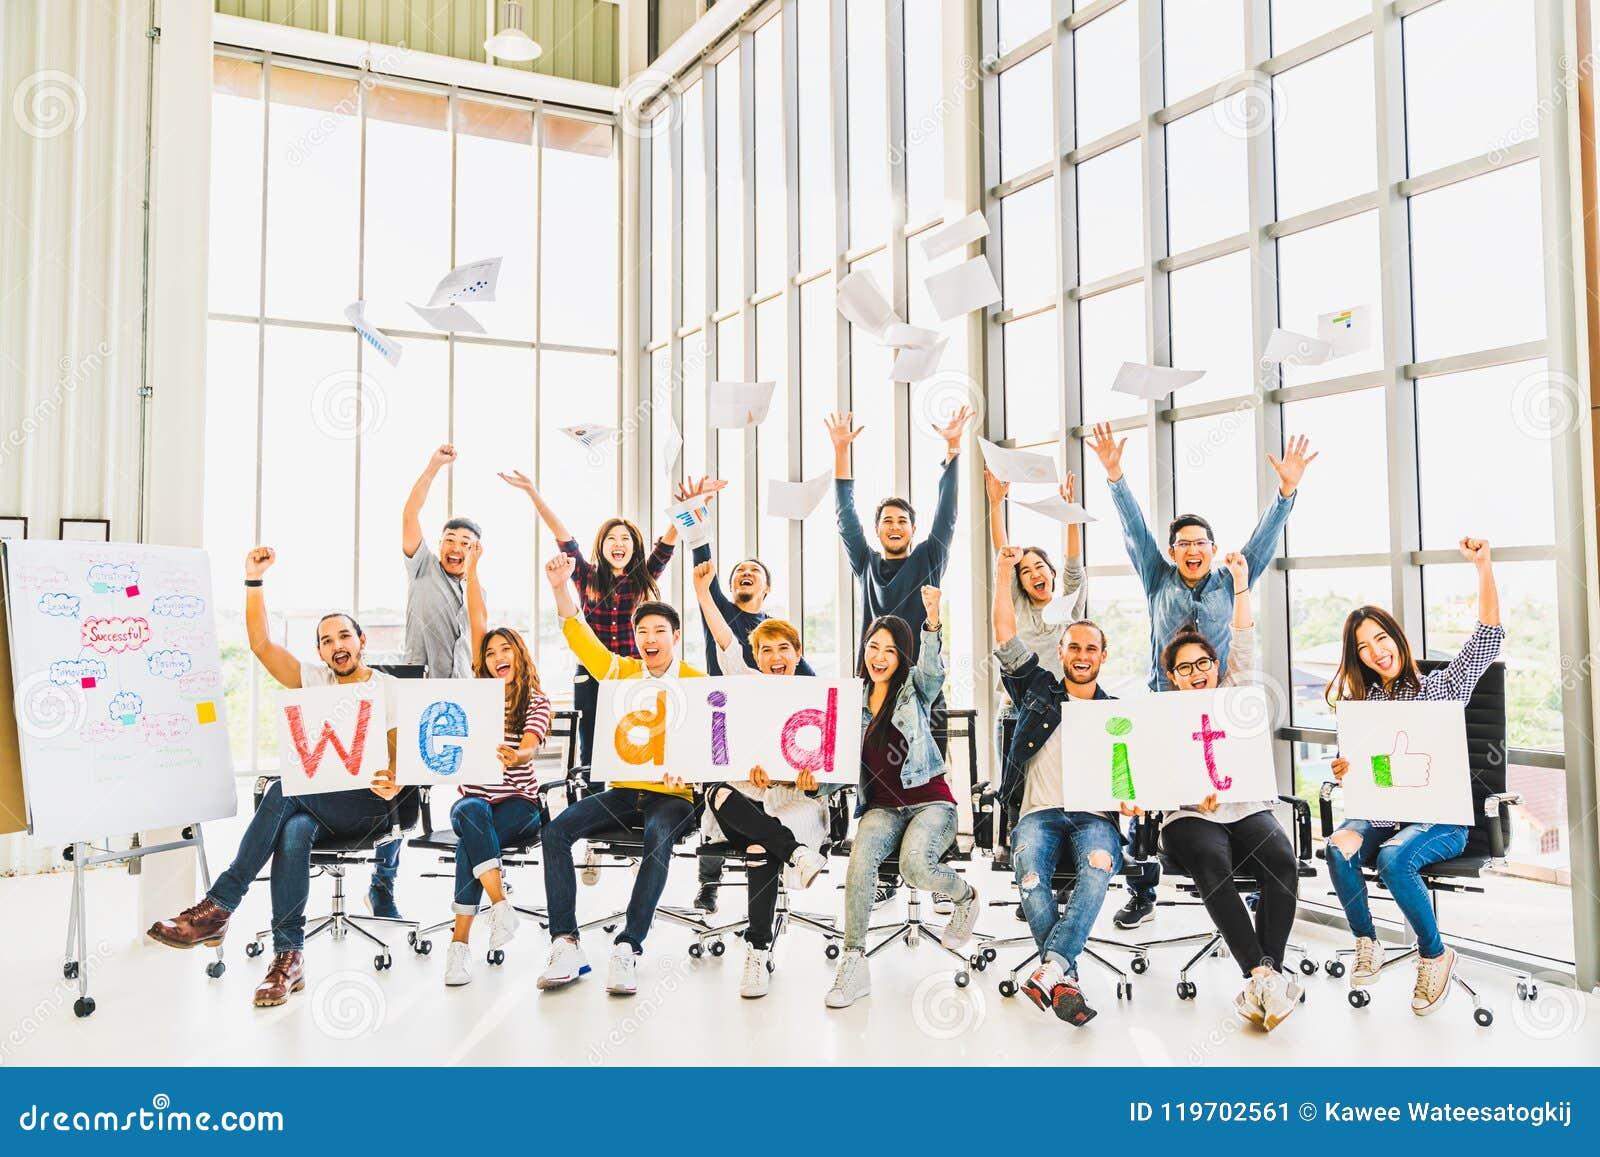 De multi-etnische diverse groep gelukkige bedrijfsmensen die, viert projectsucces met documenten schreef woorden samen toejuichen